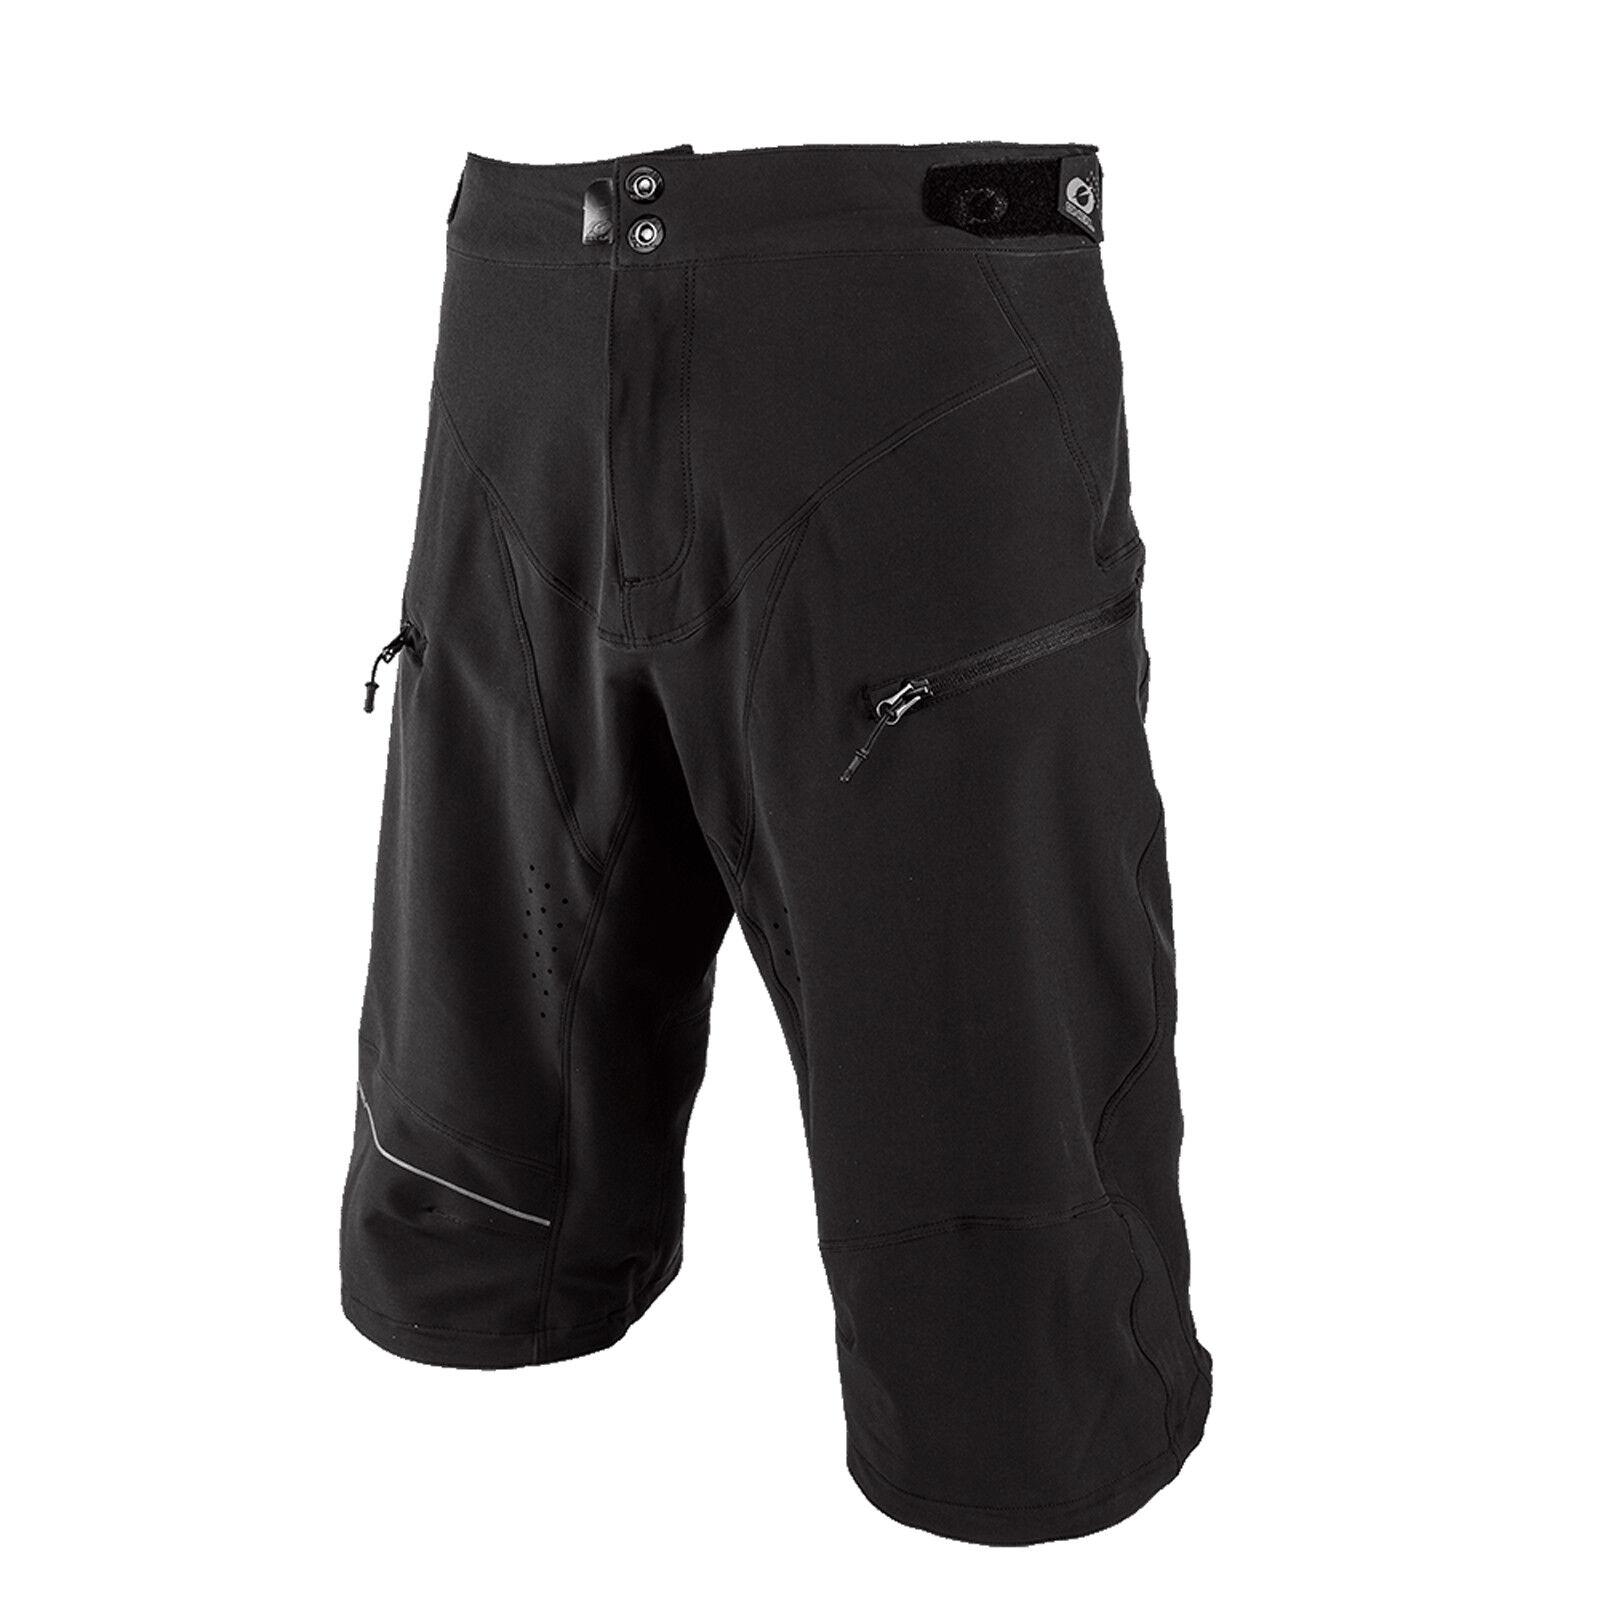 O 'neal rockstacker bicicleta short pantalón corto negro 2019 oneal